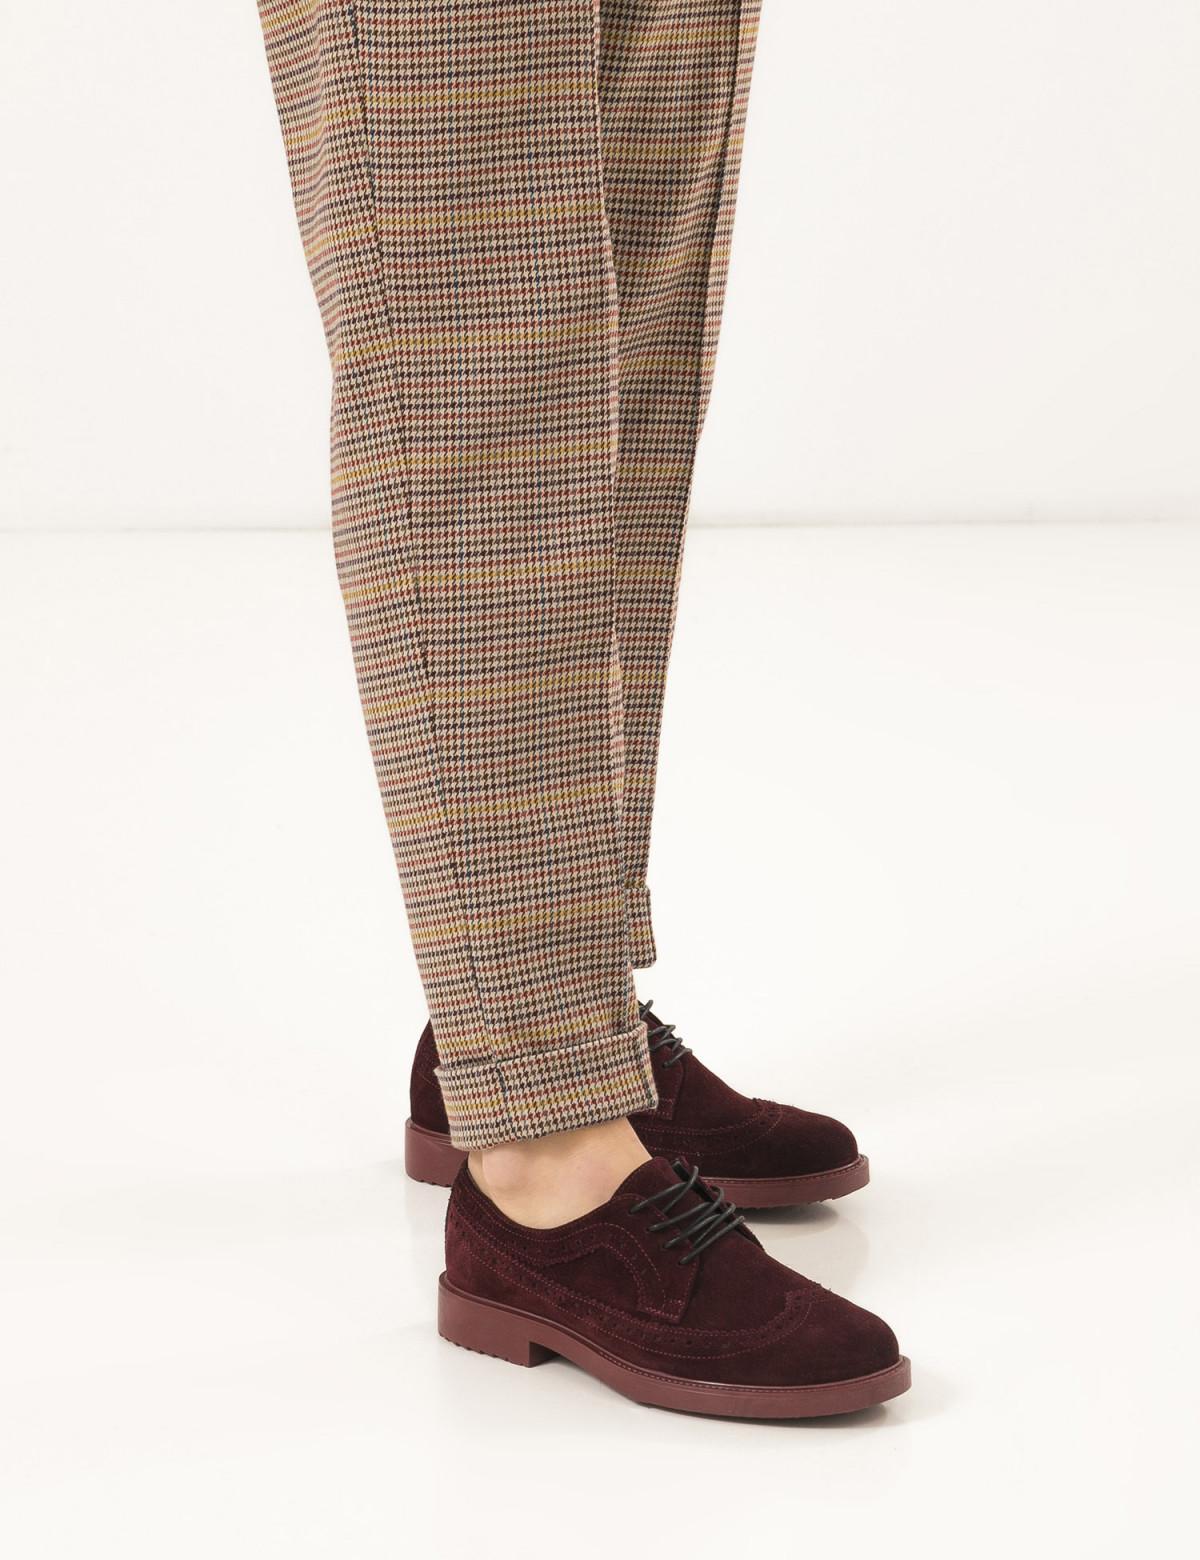 Туфли бордовые, натуральная замша5